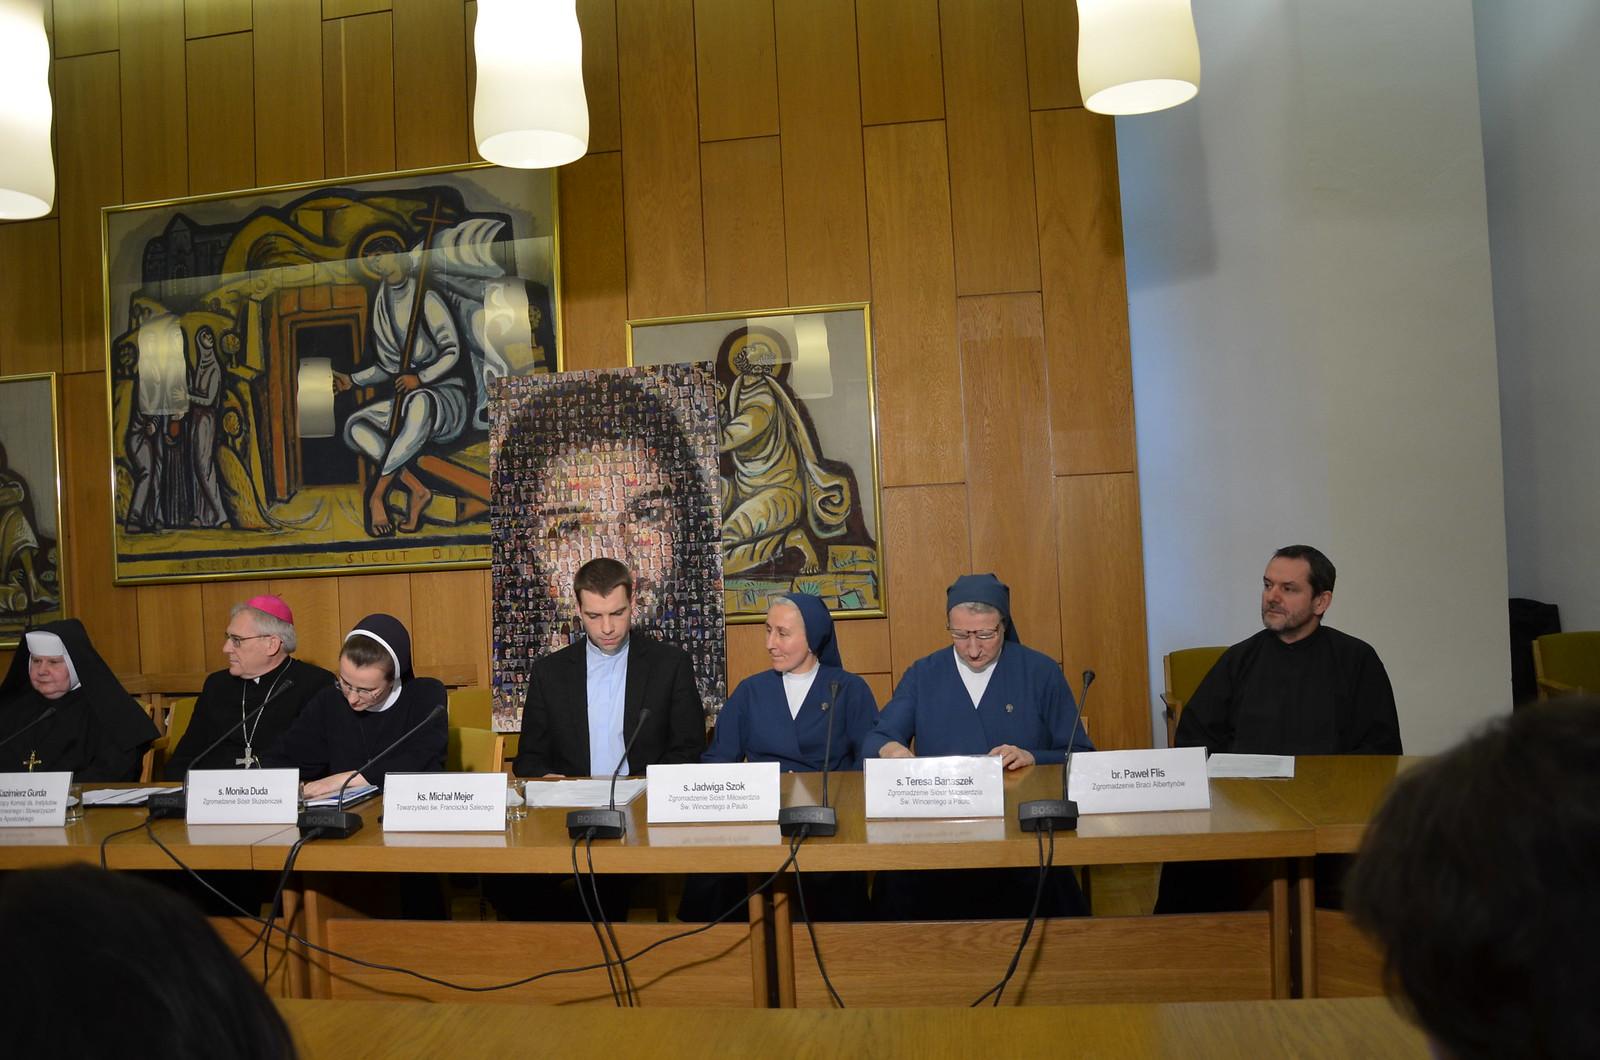 konferencja prasowa przed 2 lutym 2016